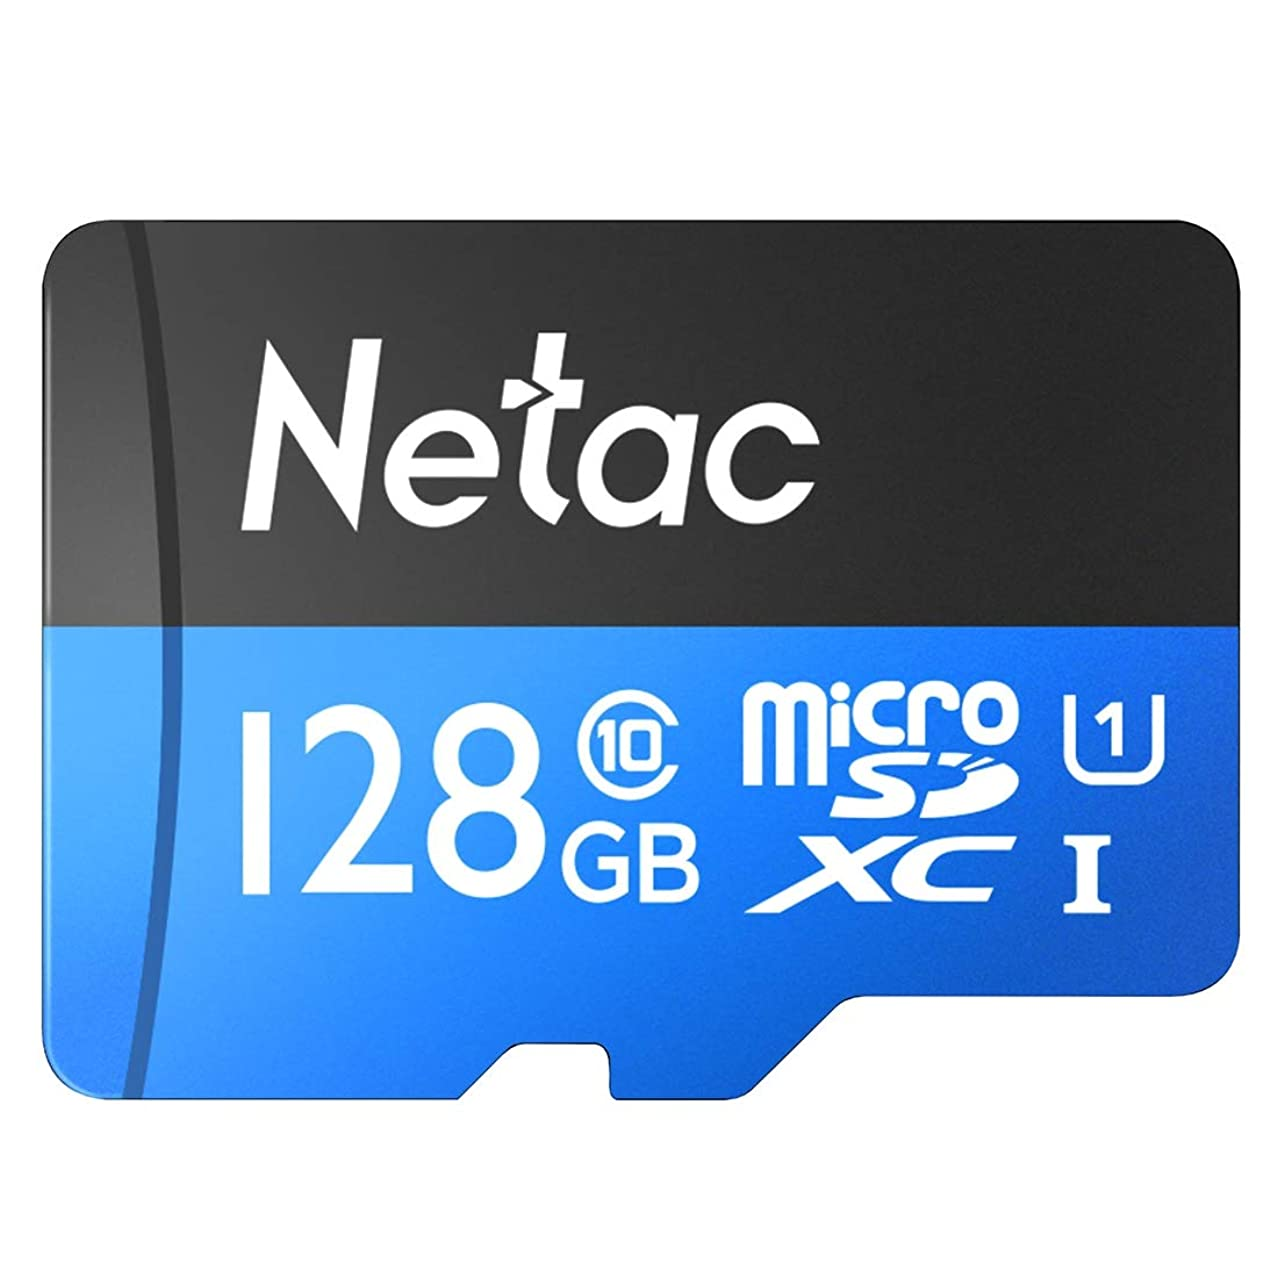 オリエンタル負担読みやすさコンピュータアクセサリー P500 128GB Class10マイクロSD(TF)メモリーカード